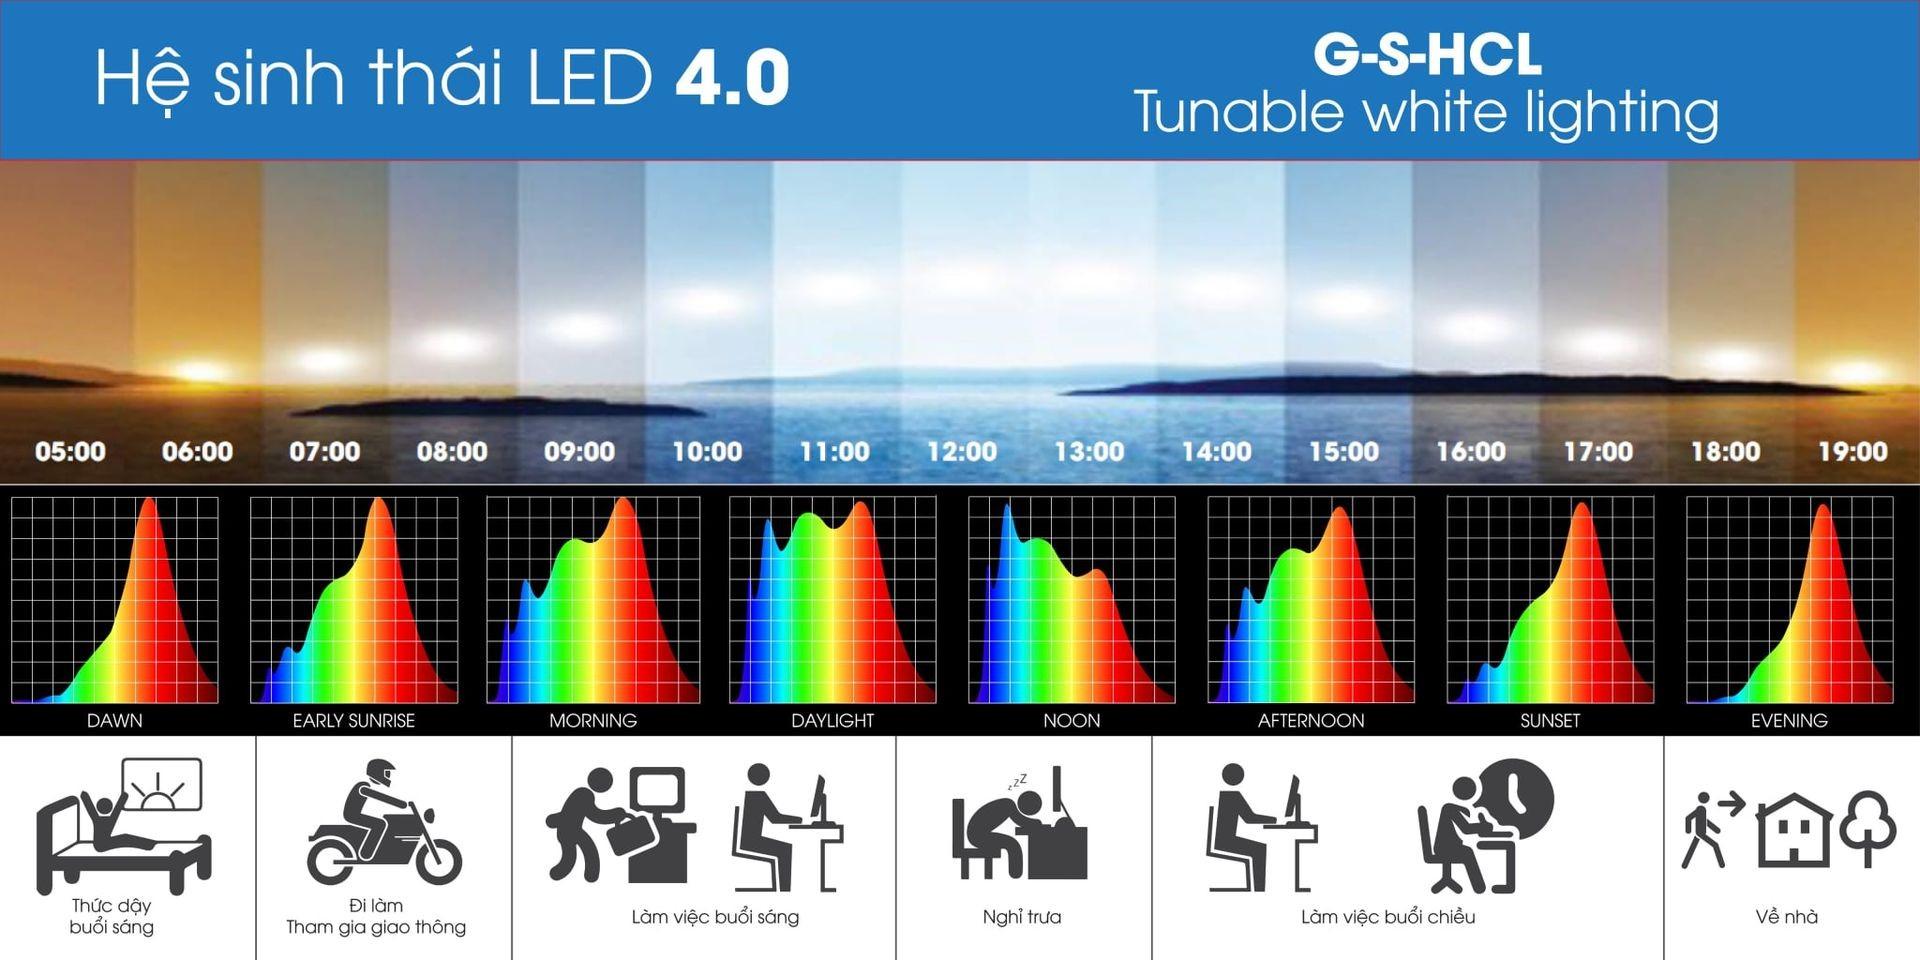 Hệ sinh thái LED 4.0